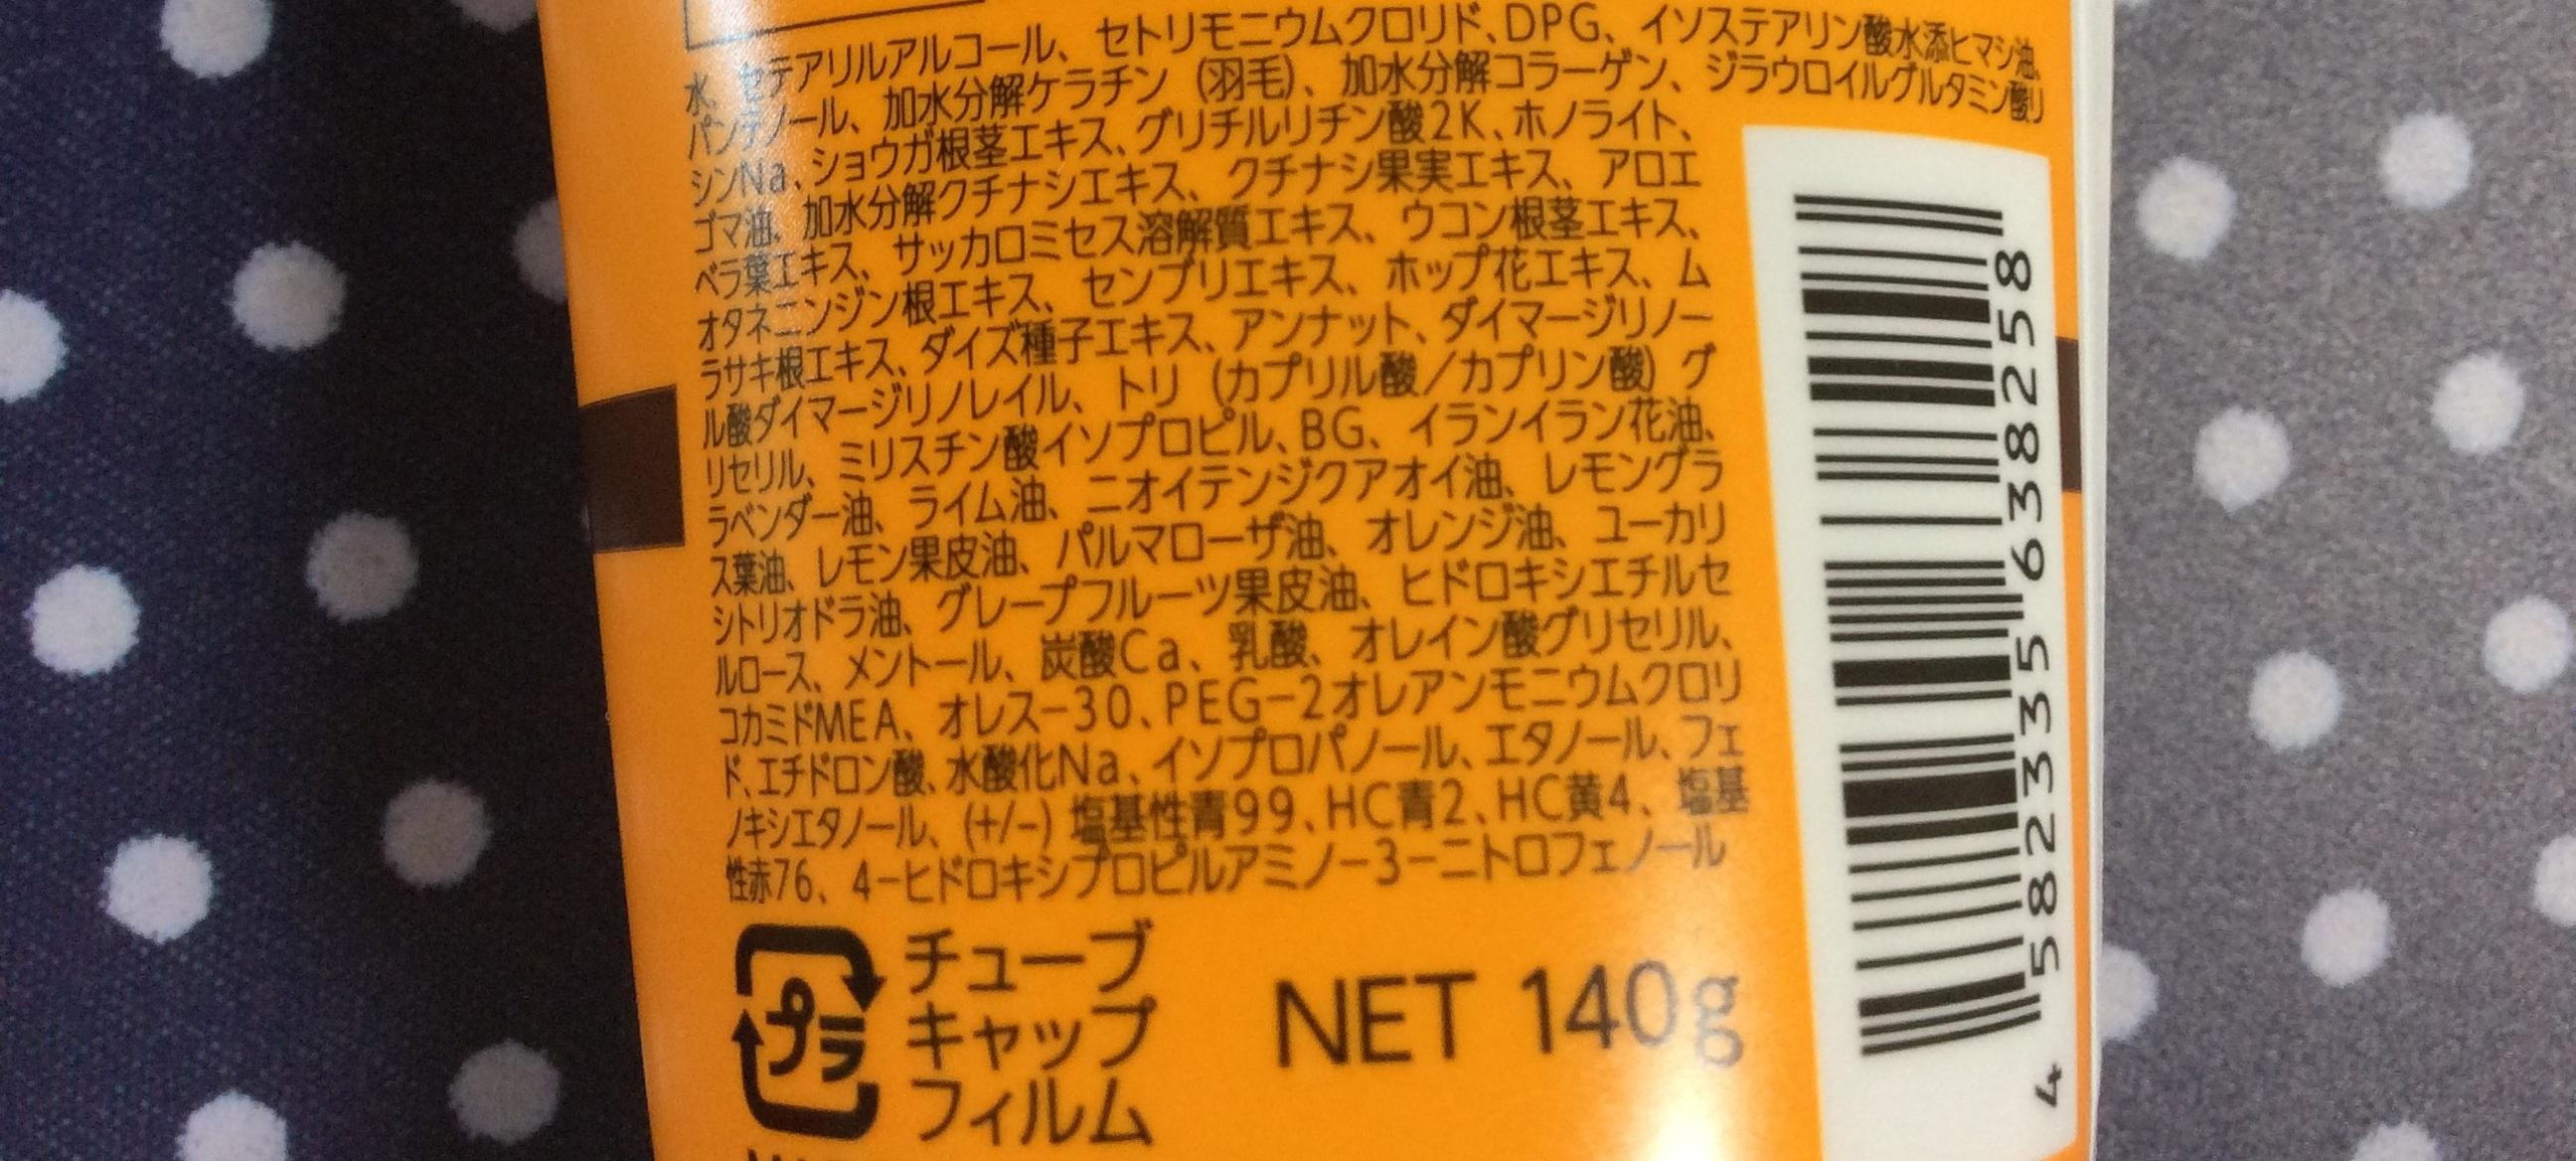 A46E5508-242C-4EC8-86AF-A1CD9A20C61D.jpeg